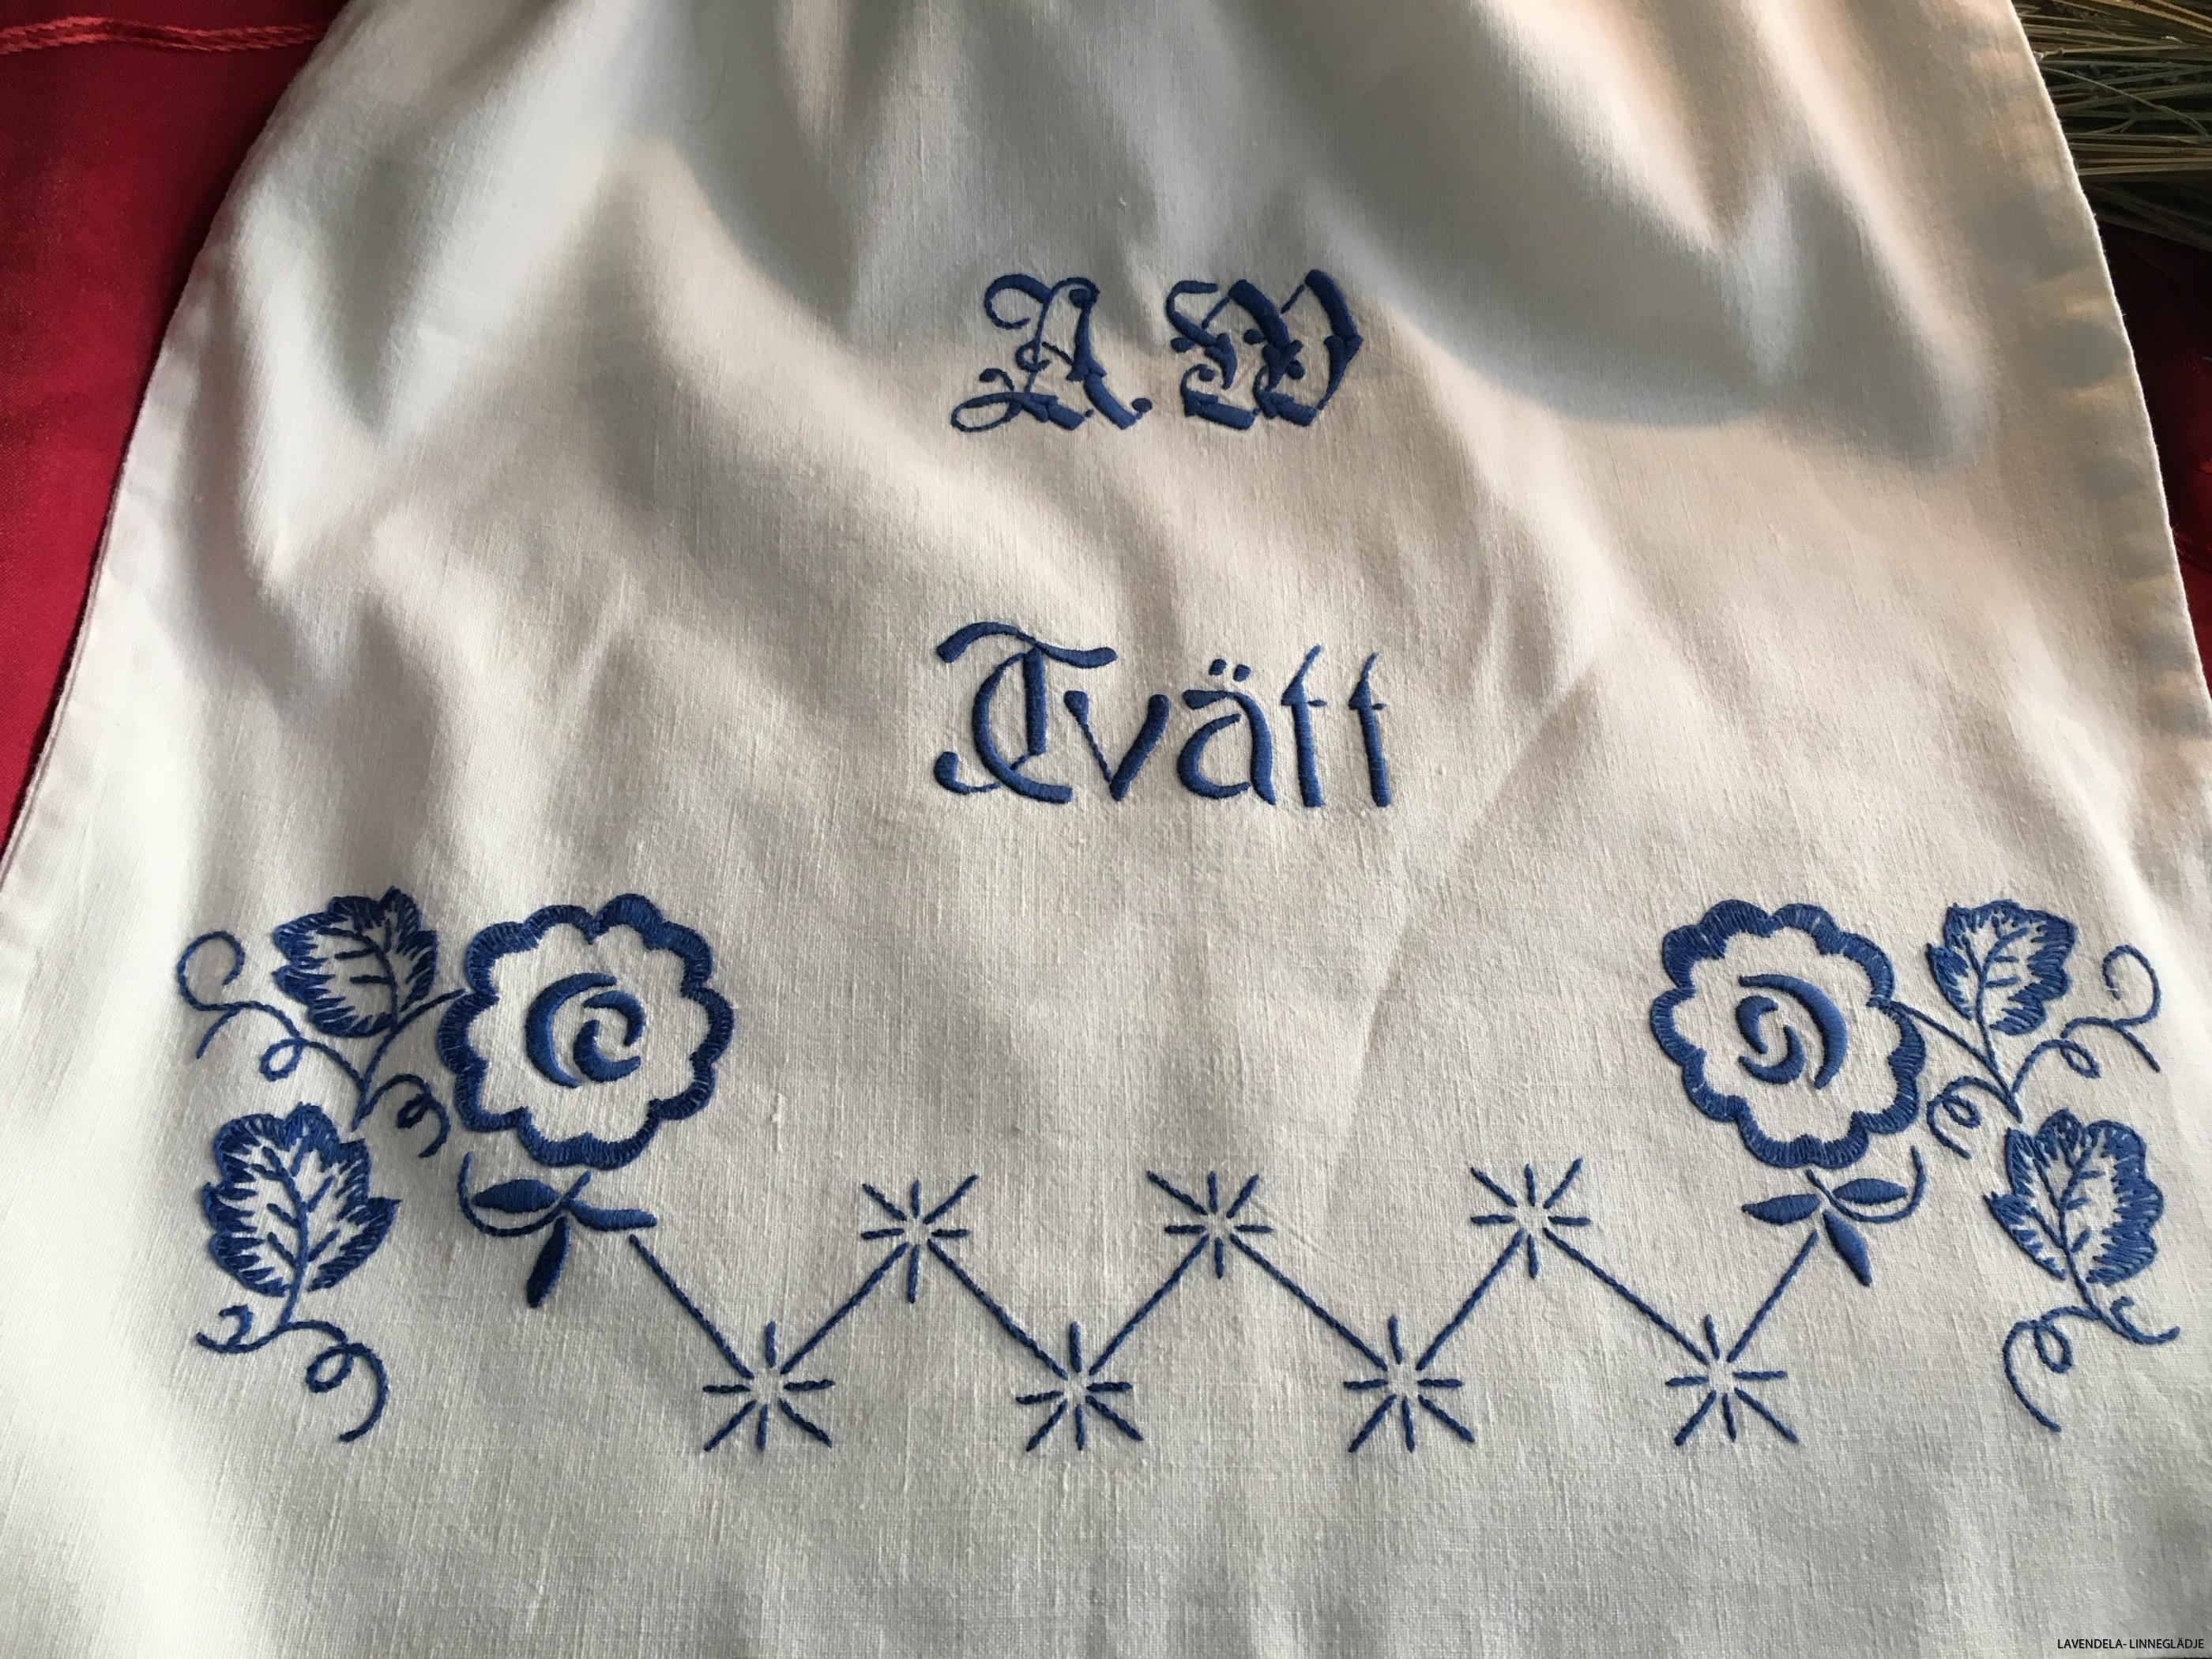 tvättpåse i blått och vitt.